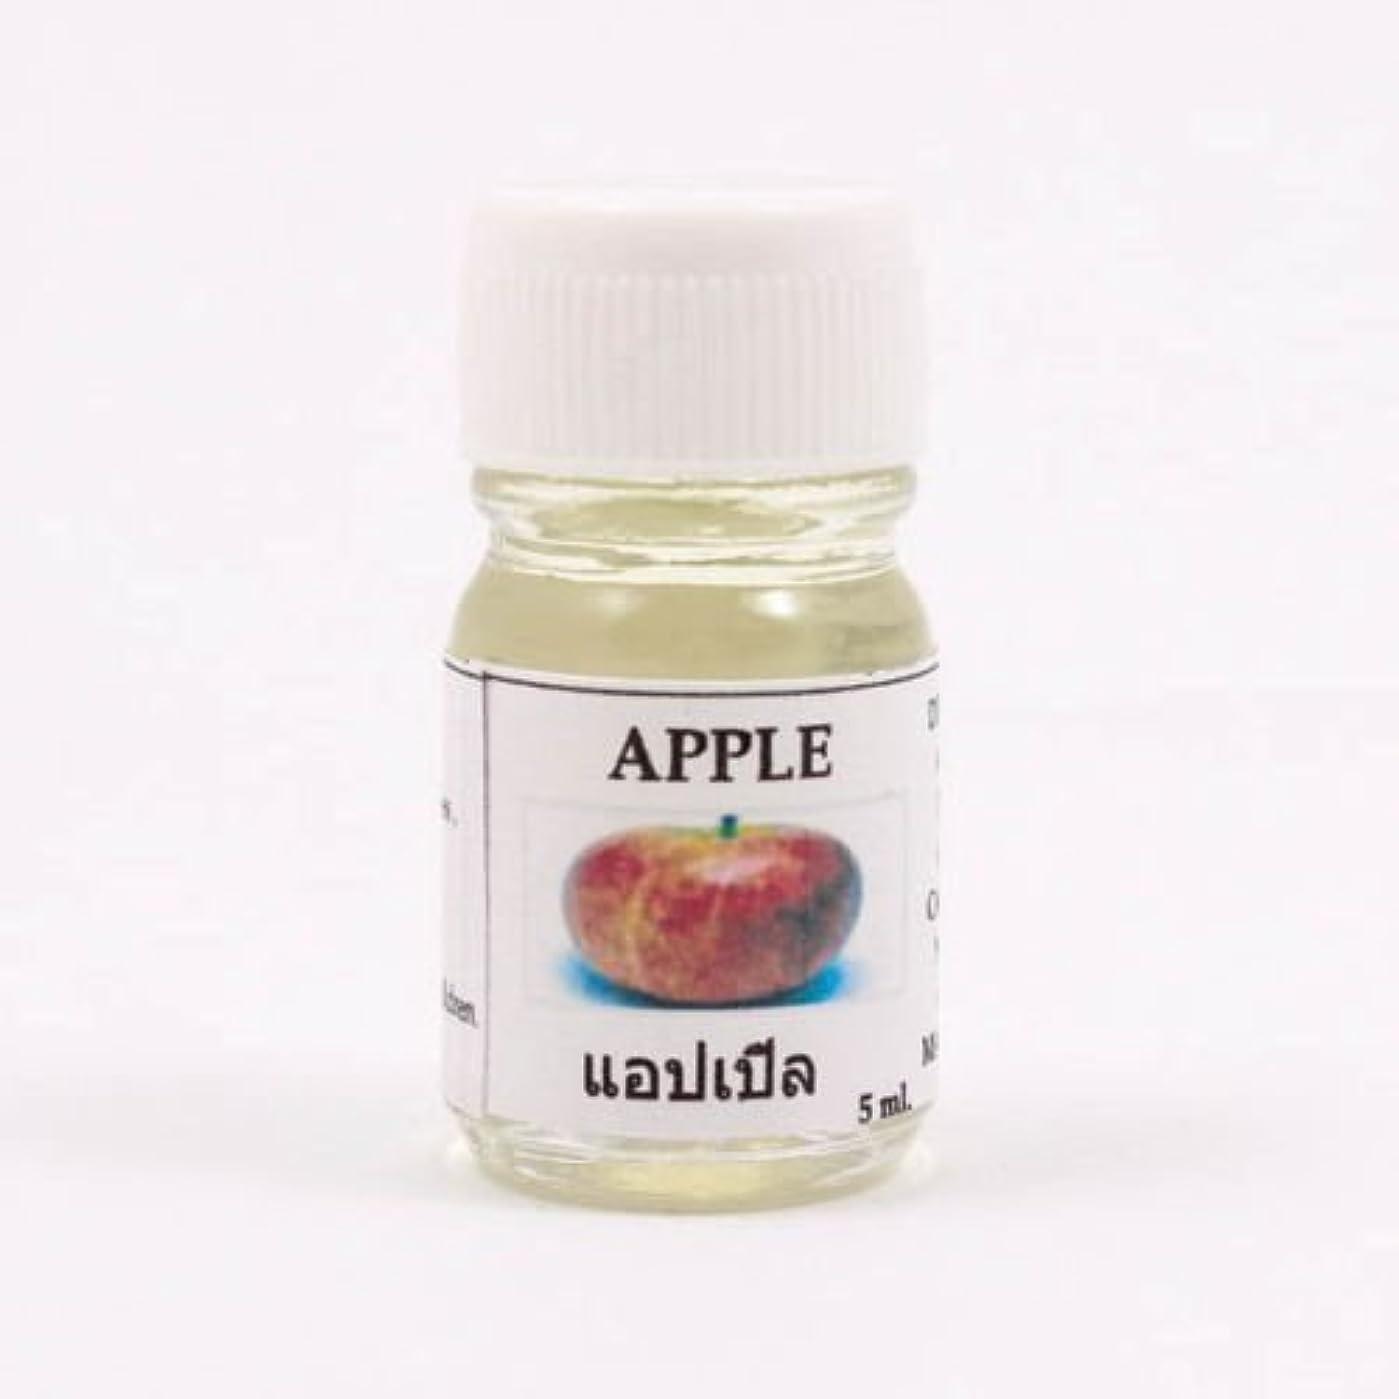 怪物乱雑な明示的に6X Apple Aroma Fragrance Essential Oil 5ML cc Diffuser Burner Therapy